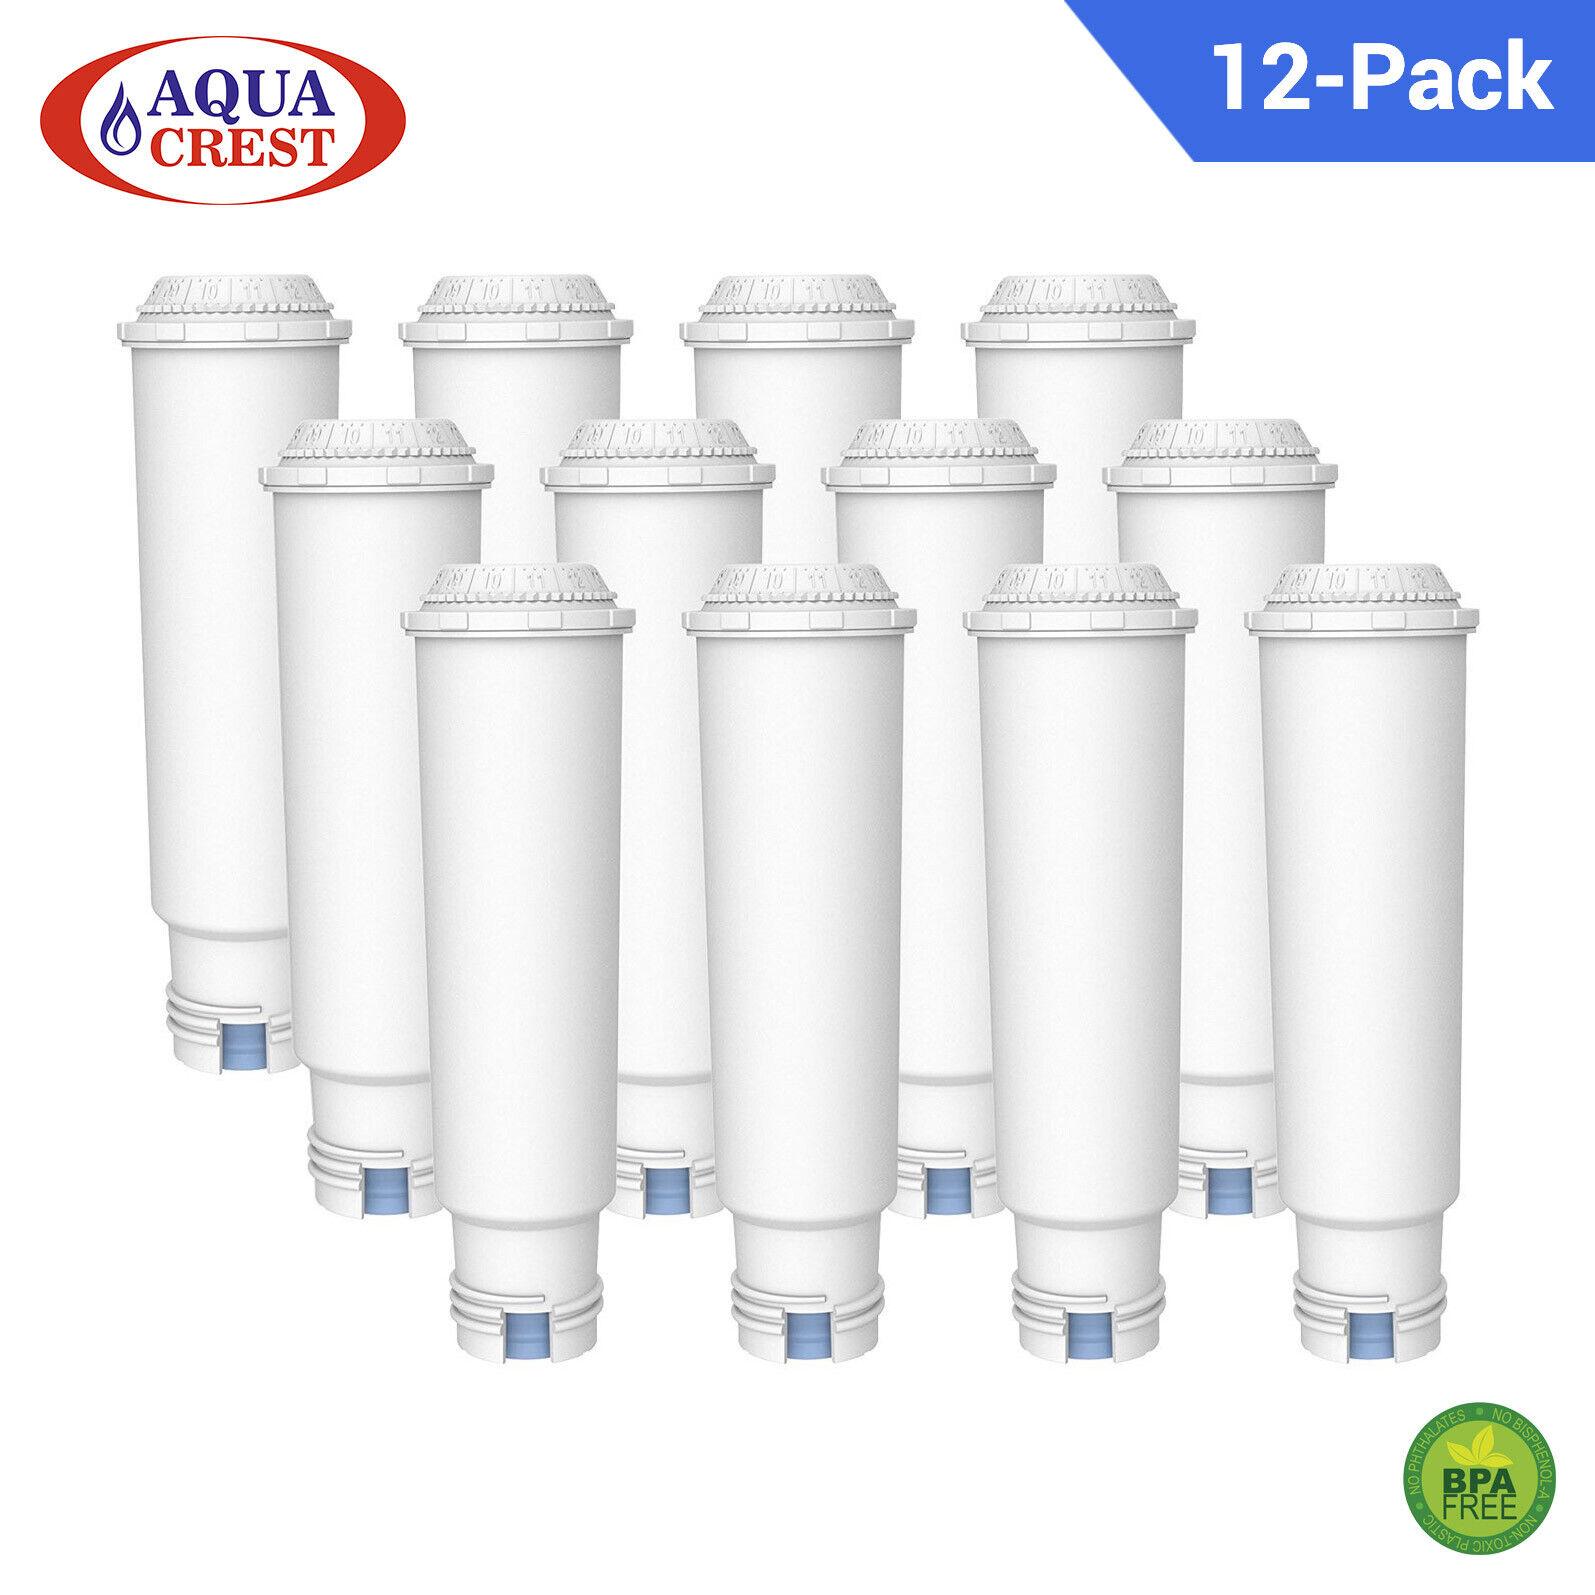 CA6702//48 CA6702//00 4 Mavea Intenza Vyair VYR-AQK-02 T/ÜV S/ÜD Certificado Filtro Agua De Cafetera Compatible Con Brita Intenza+ Phillips Intenza